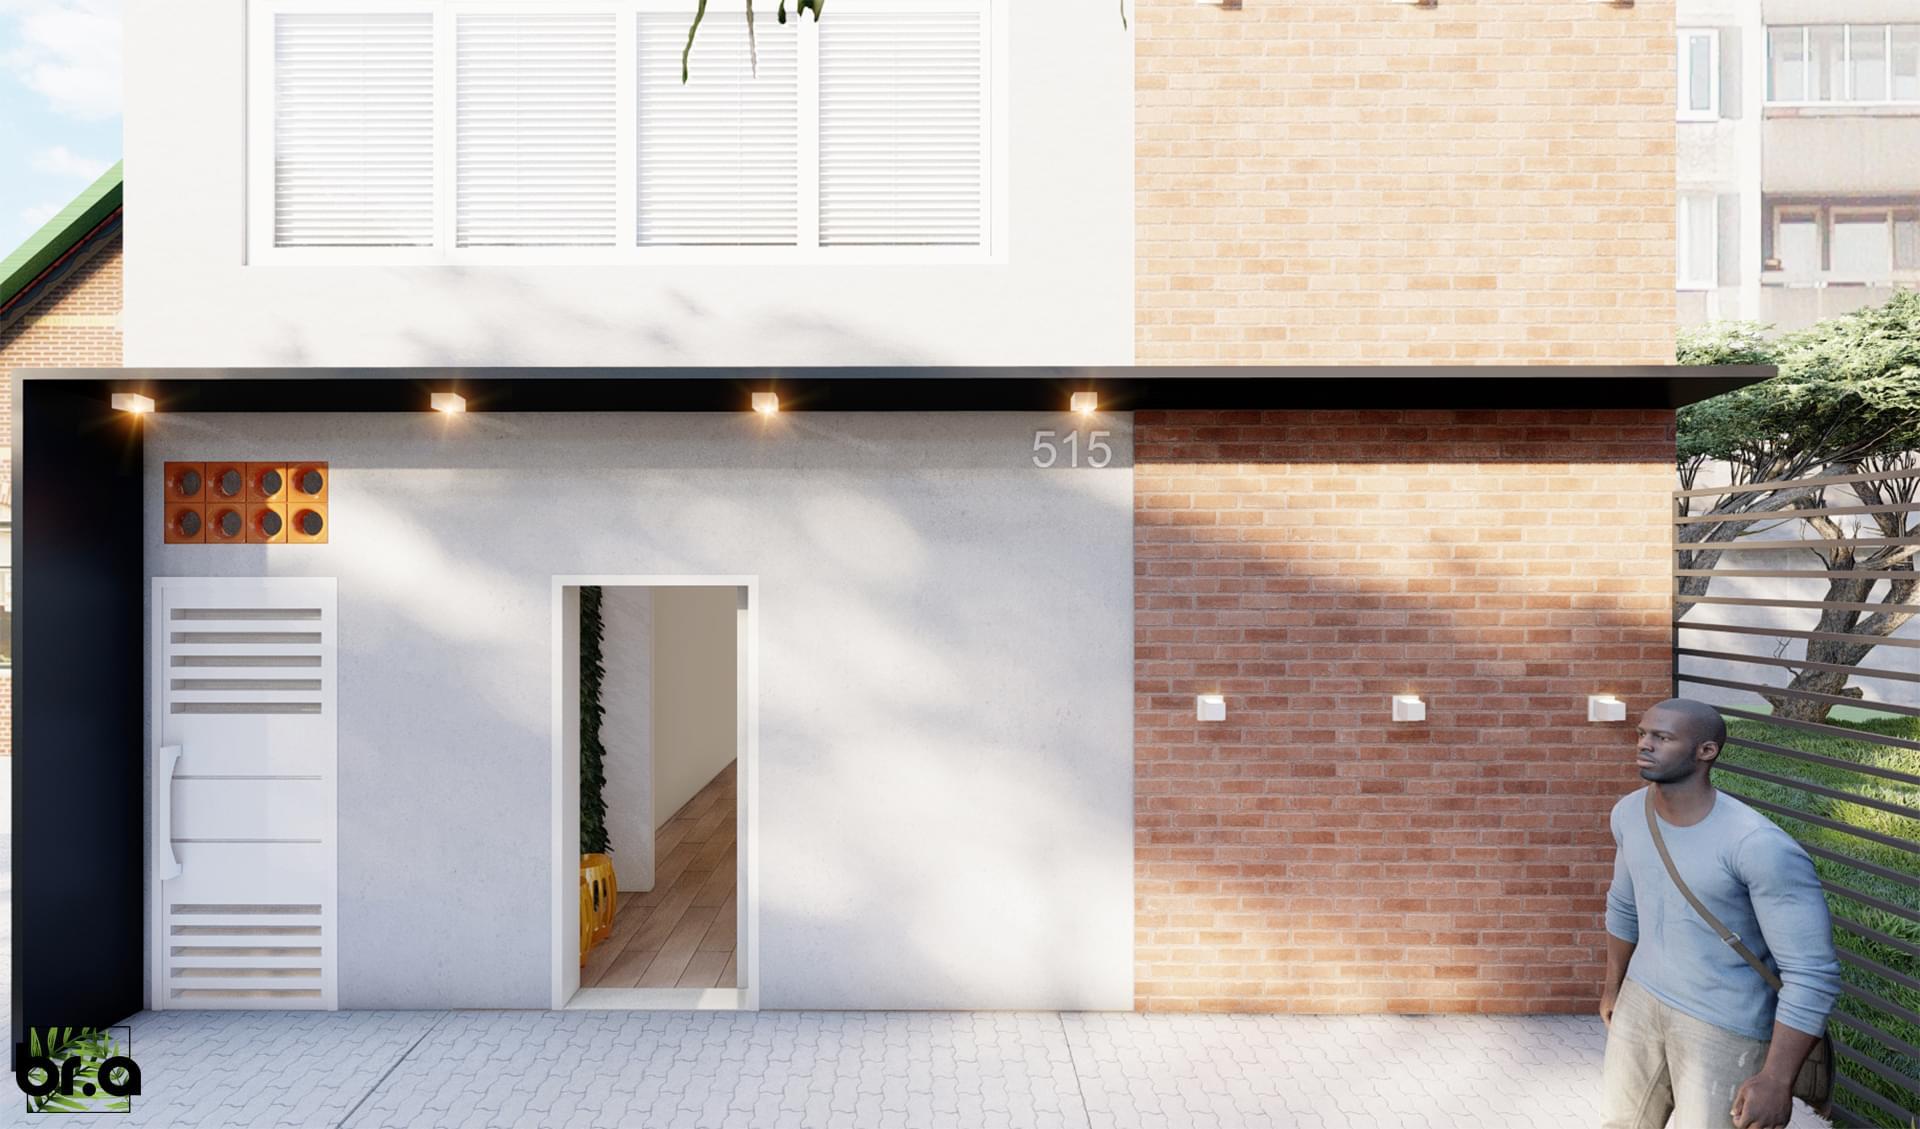 Residência RD II - Brasilidade | Projetos e Obras